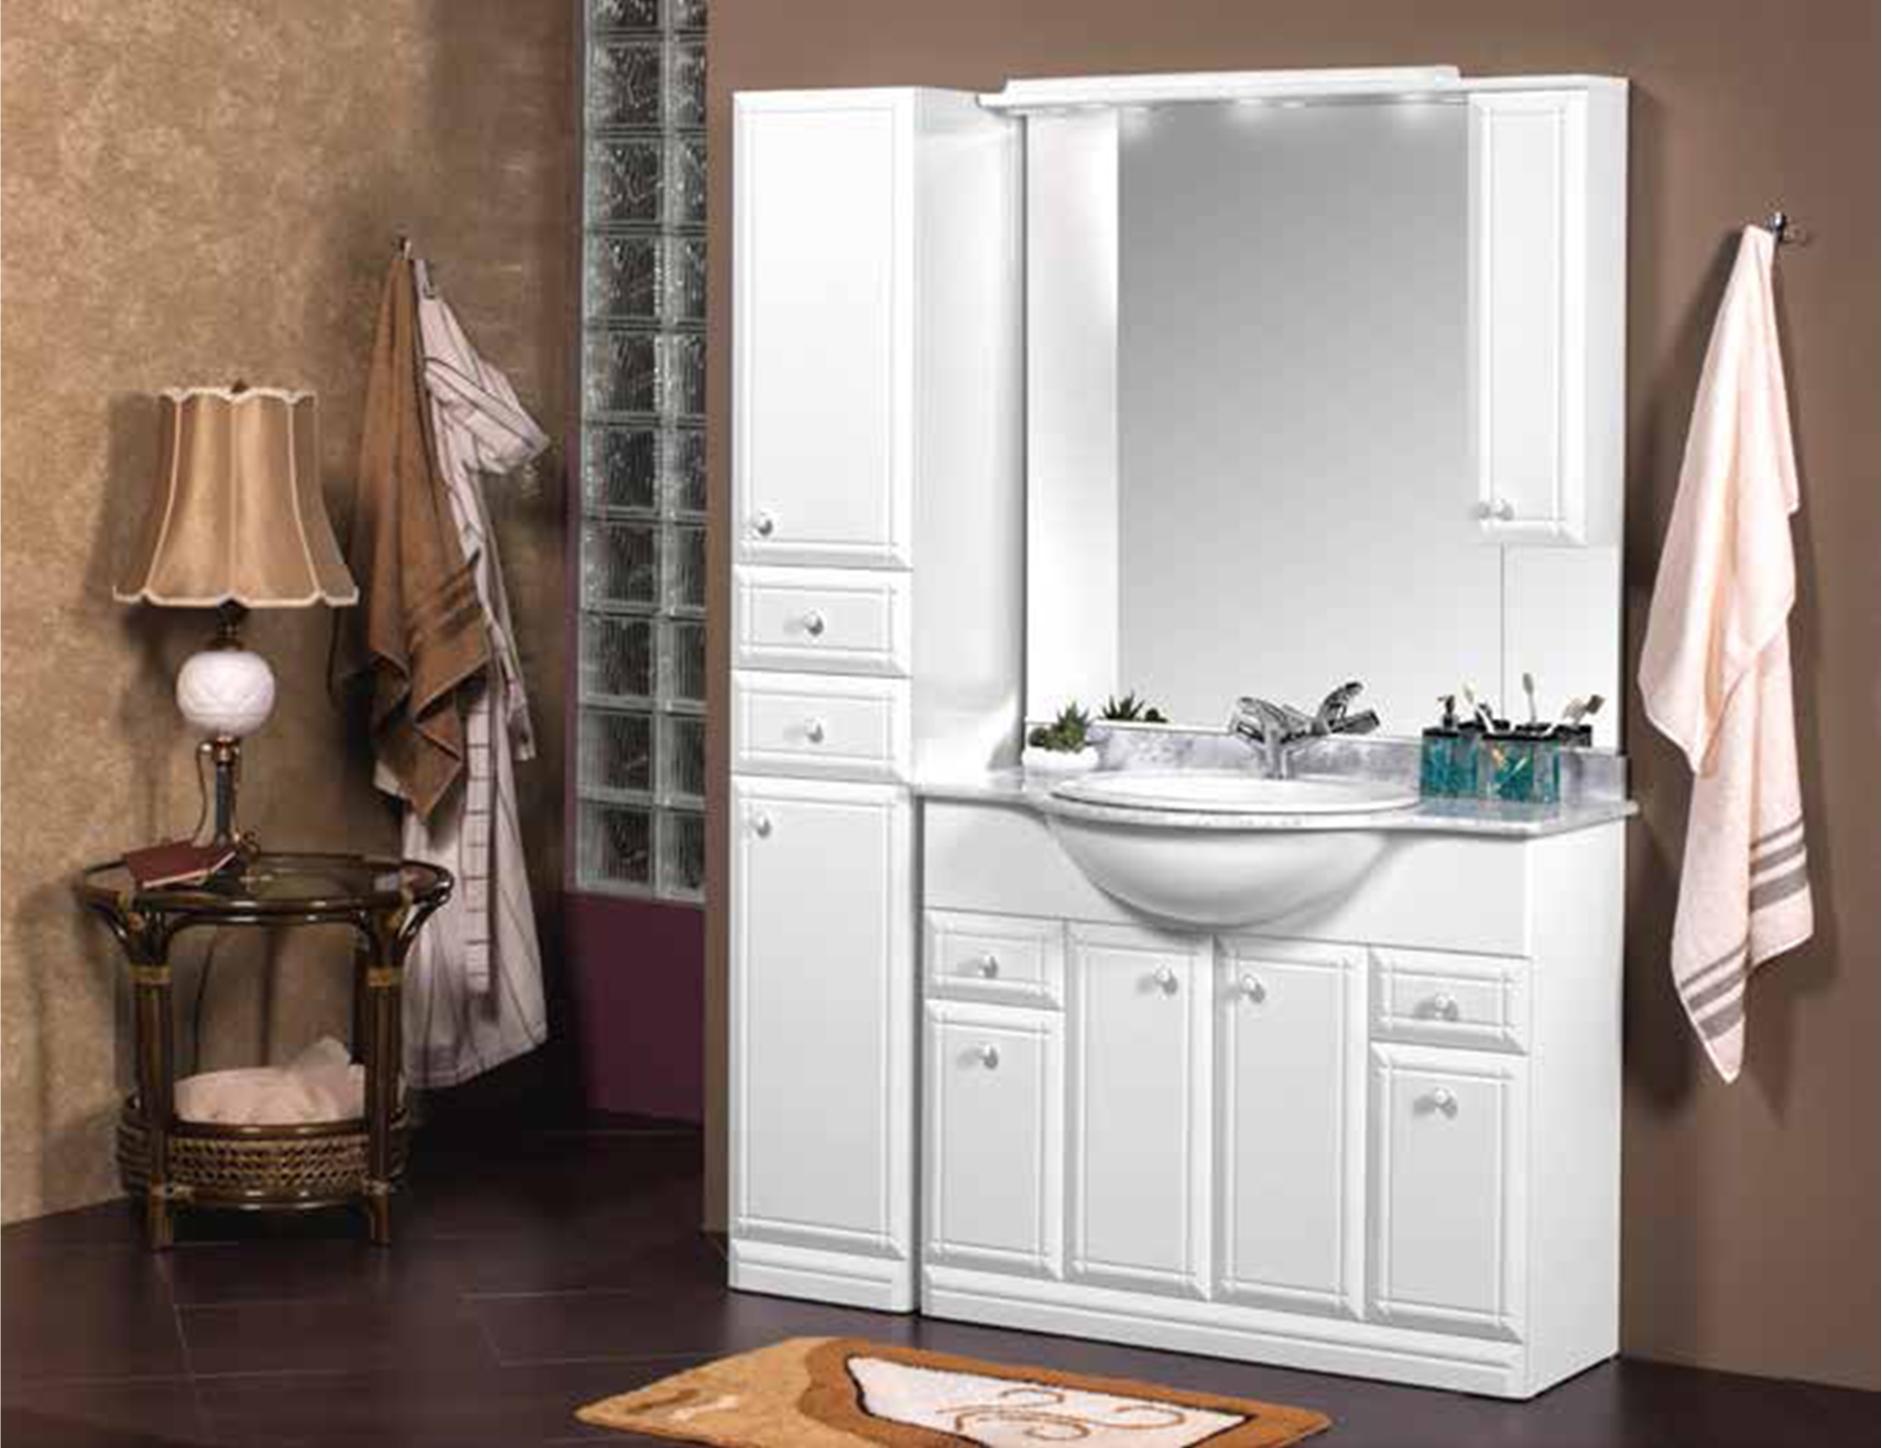 Конструкция светлого мойдодыра для ванной комнаты